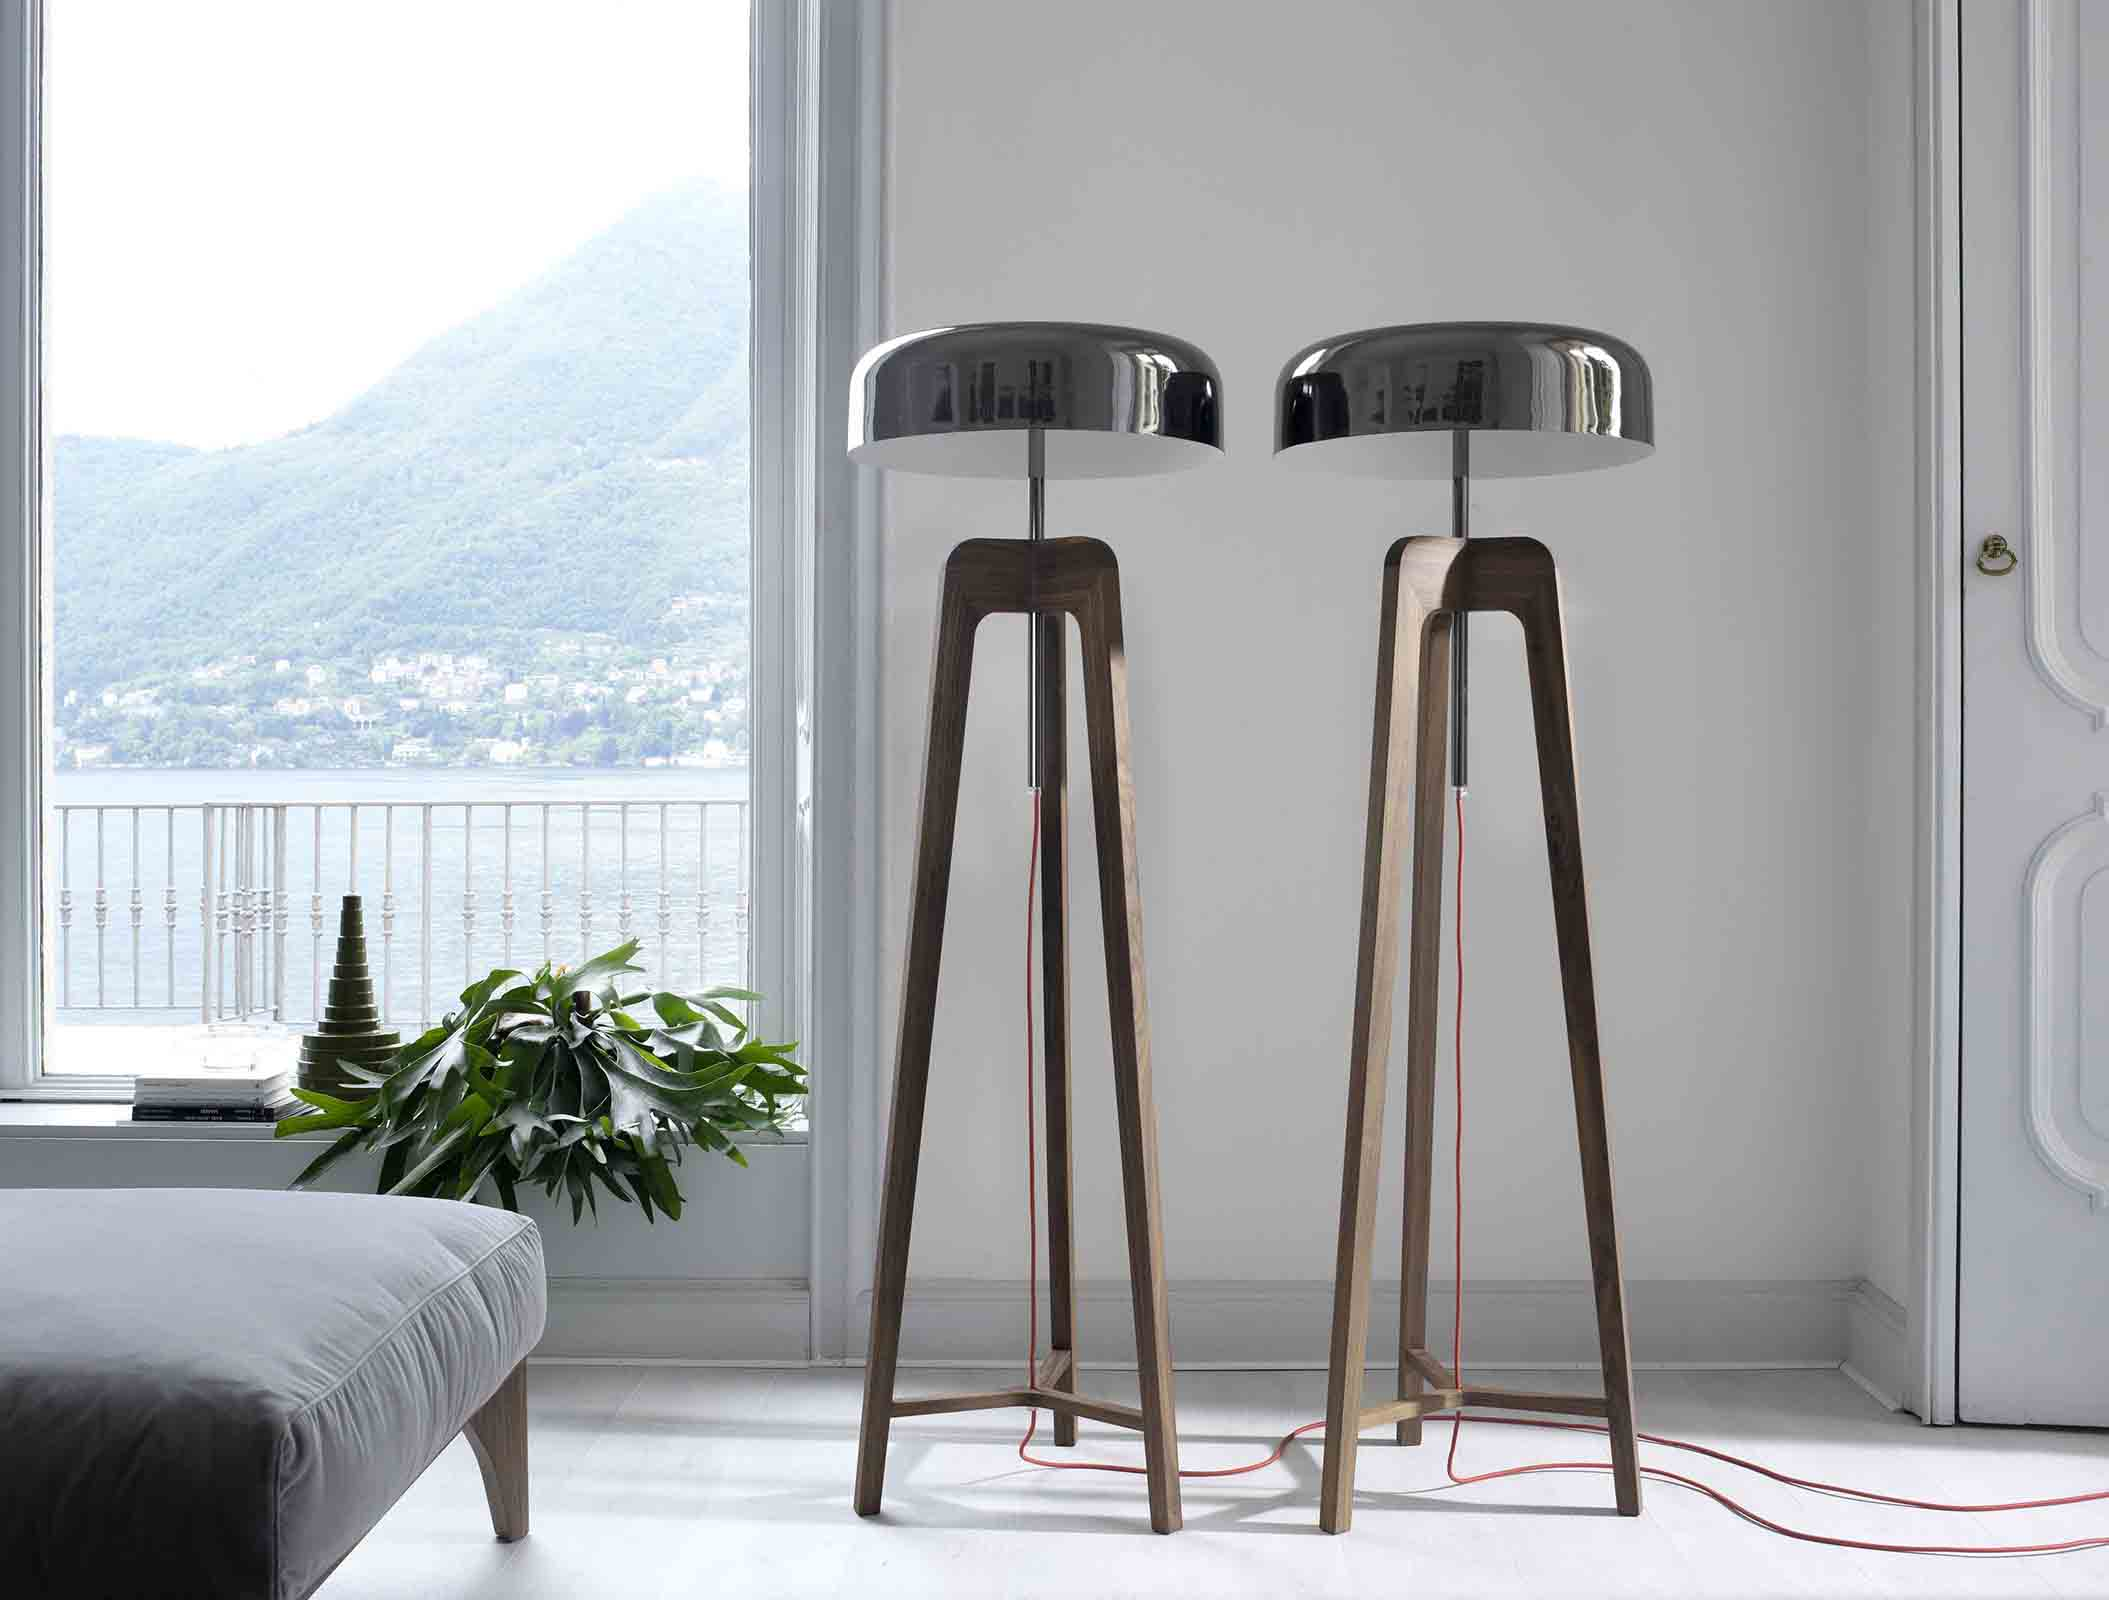 'Pileo' floor lamps from Porada